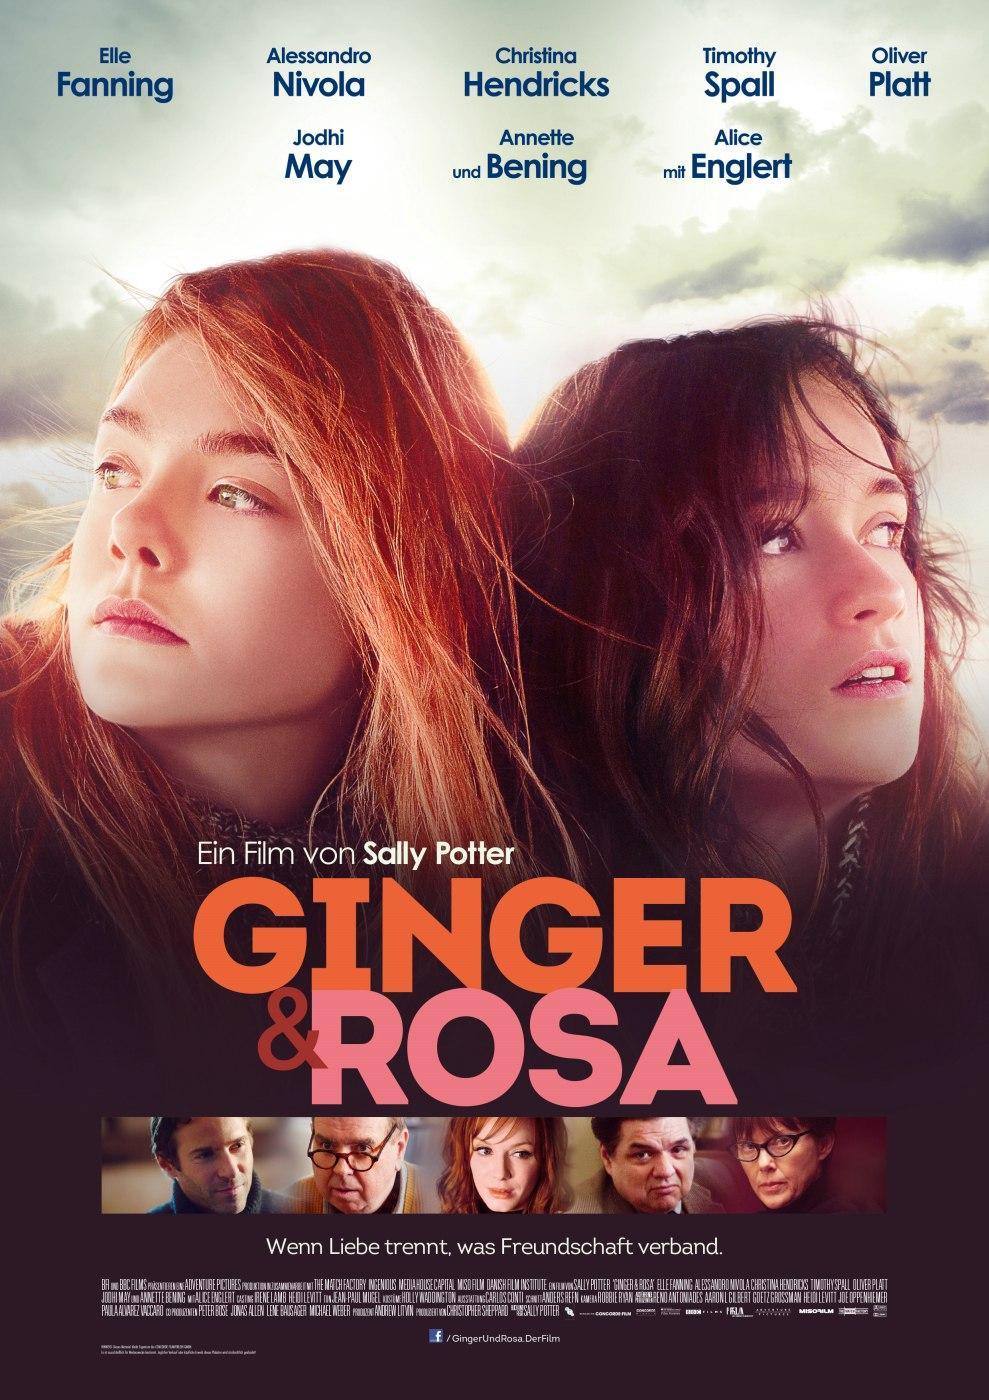 Ginger & Rosa (Poster)